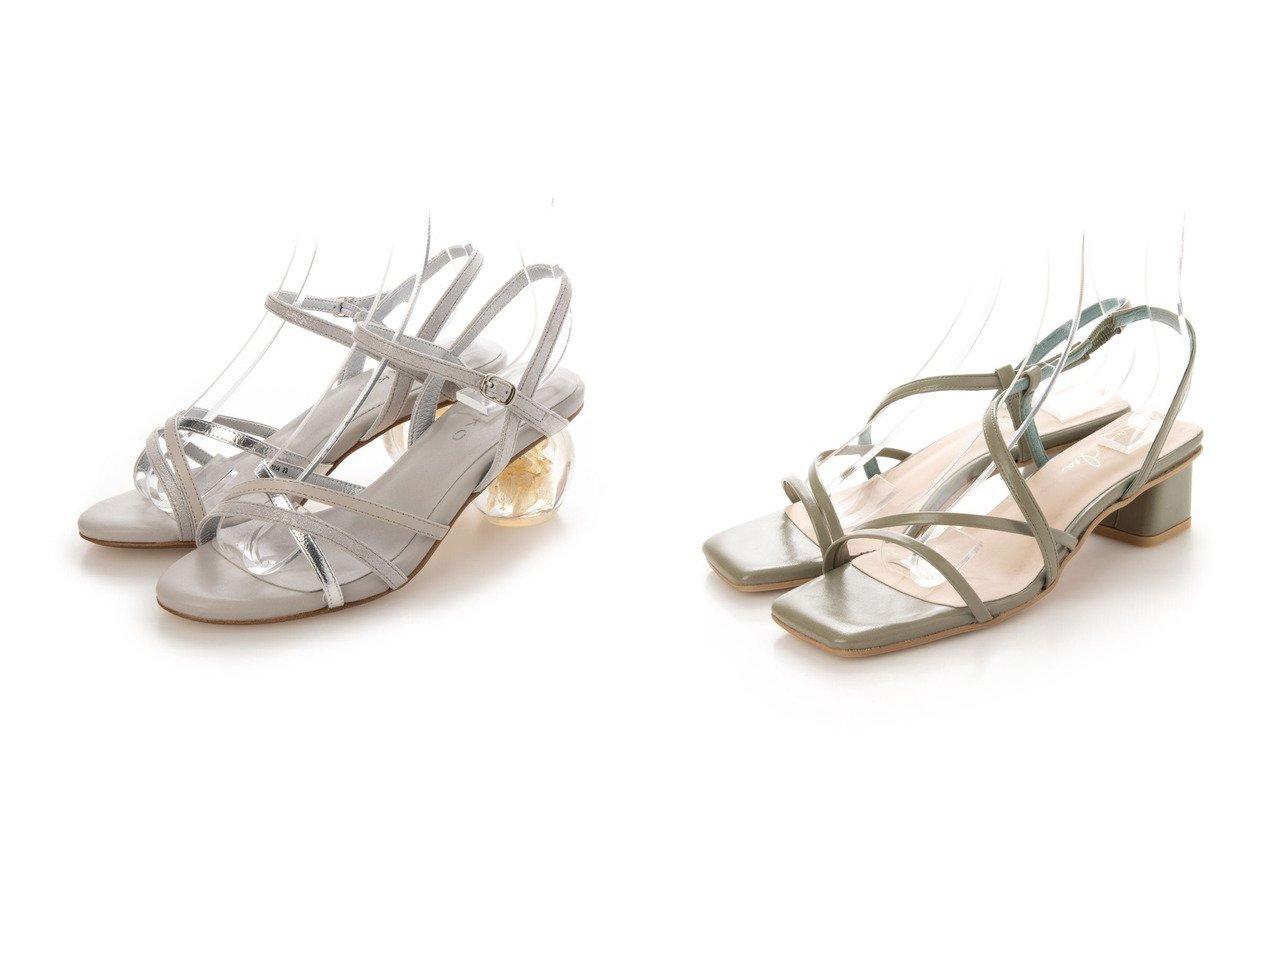 【HIMIKO/卑弥呼】のフラワーインクリアサンダル/611214&【Launa lea/ラウナレア】のクロスストラップサンダル 【シューズ・靴】おすすめ!人気、トレンド・レディースファッションの通販 おすすめで人気の流行・トレンド、ファッションの通販商品 インテリア・家具・メンズファッション・キッズファッション・レディースファッション・服の通販 founy(ファニー) https://founy.com/ ファッション Fashion レディースファッション WOMEN インソール 春 Spring クッション 抗菌 サンダル トレンド メッシュ ラップ リラックス 2021年 2021 S/S・春夏 SS・Spring/Summer 2021春夏・S/S SS/Spring/Summer/2021 おすすめ Recommend コレクション シンプル フラワー  ID:crp329100000045184